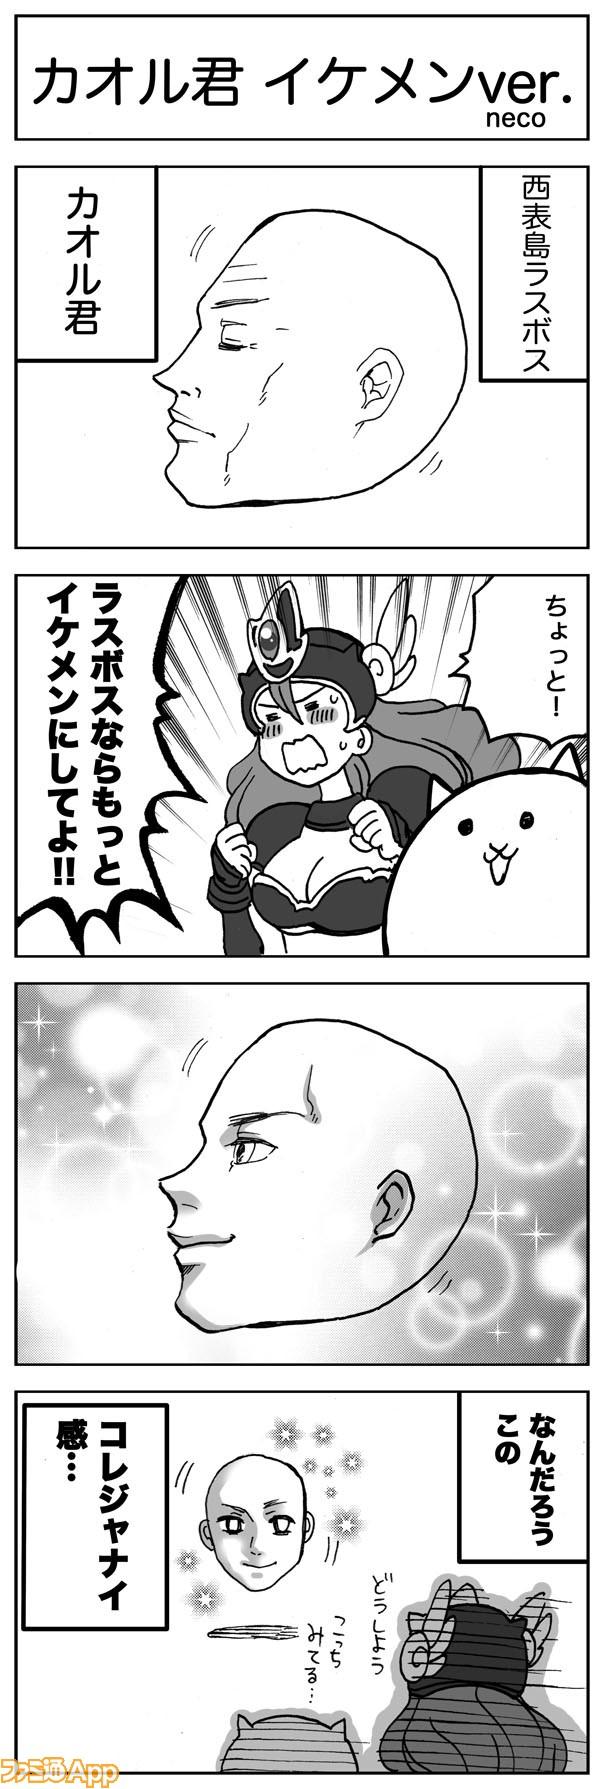 くん カオル